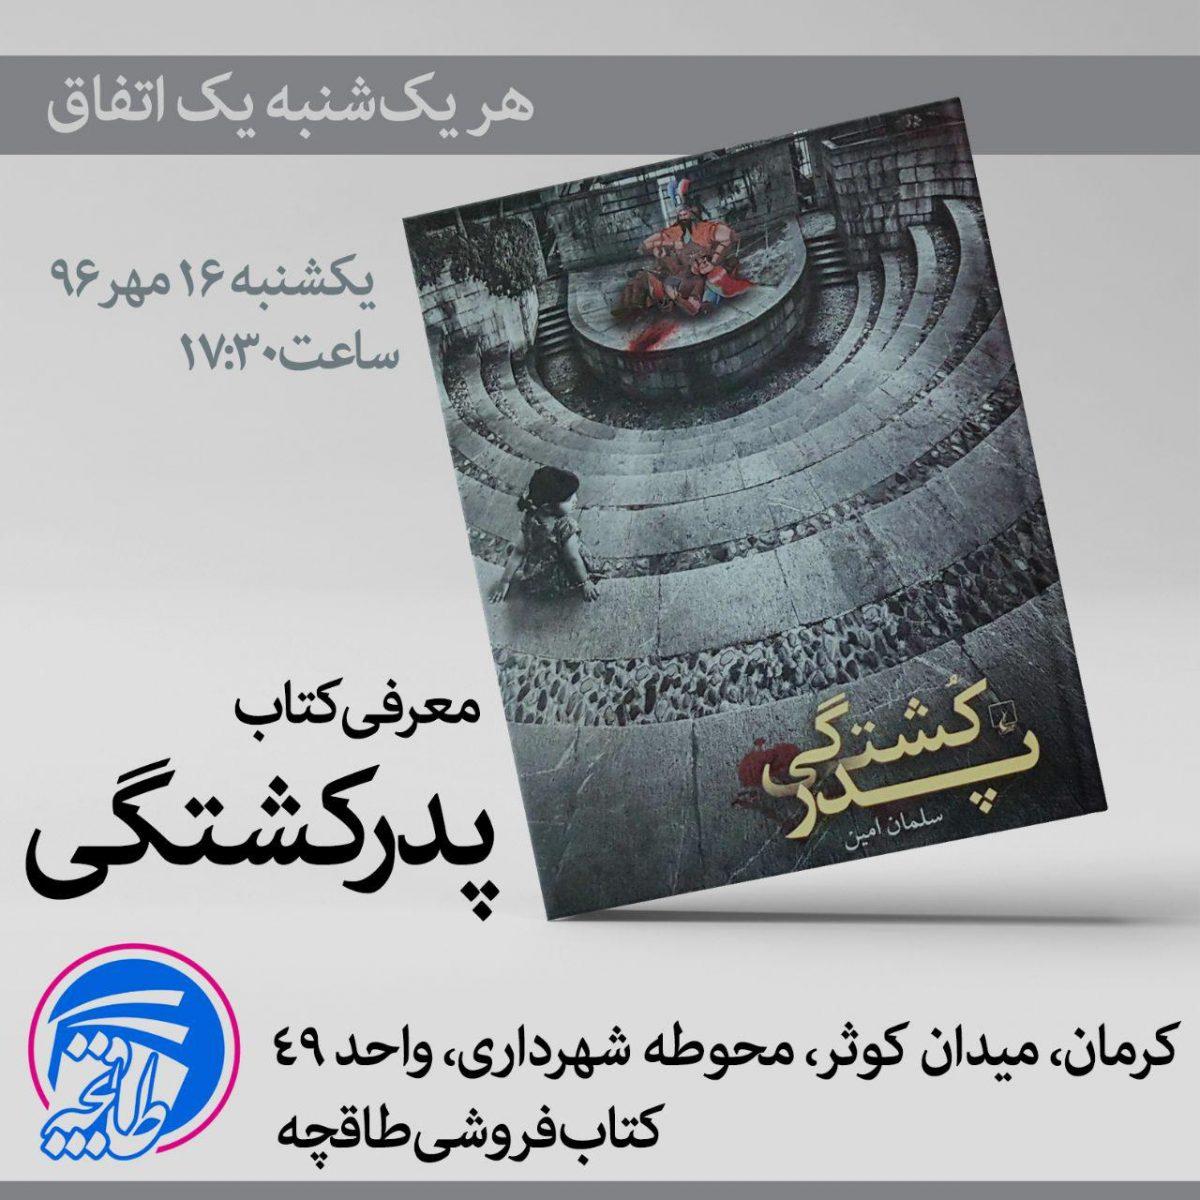 معرفی کتاب پدرکشتگی اثر سلمان امین در کتابفروشی طاقچه کرمان